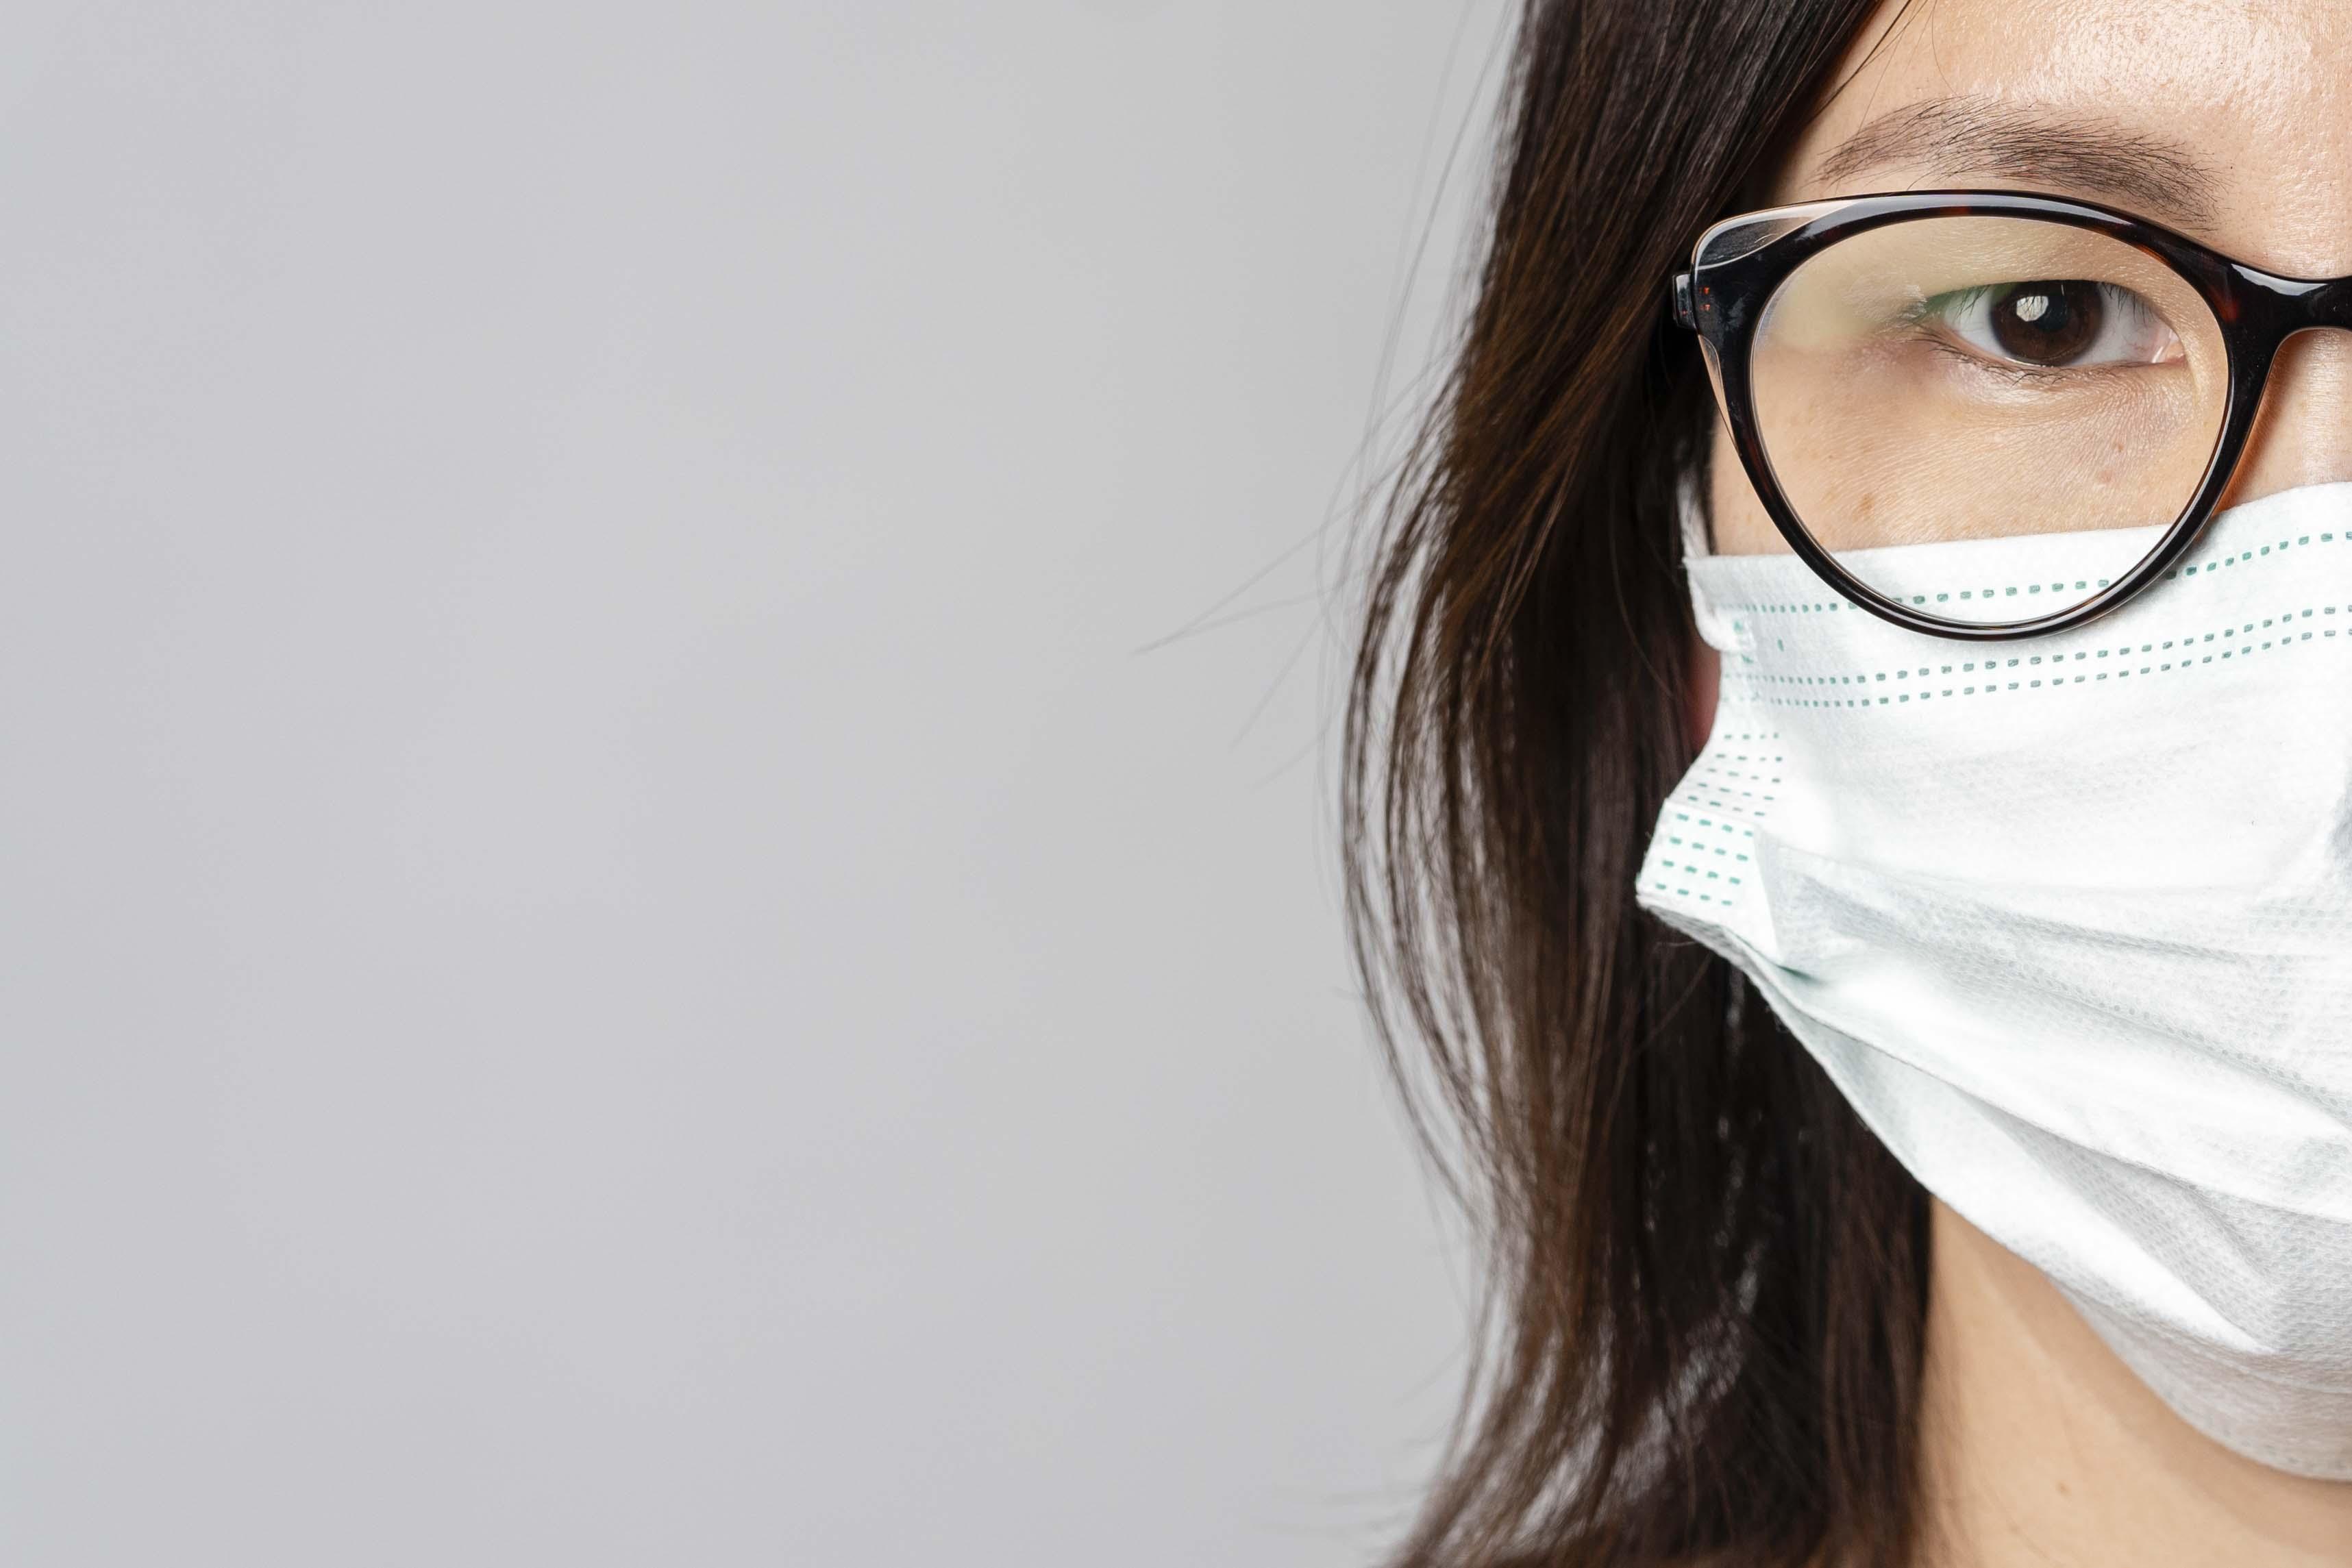 Бізнес відзавтра зможуть штрафувати за відсутність масок у клієнтів і персоналу